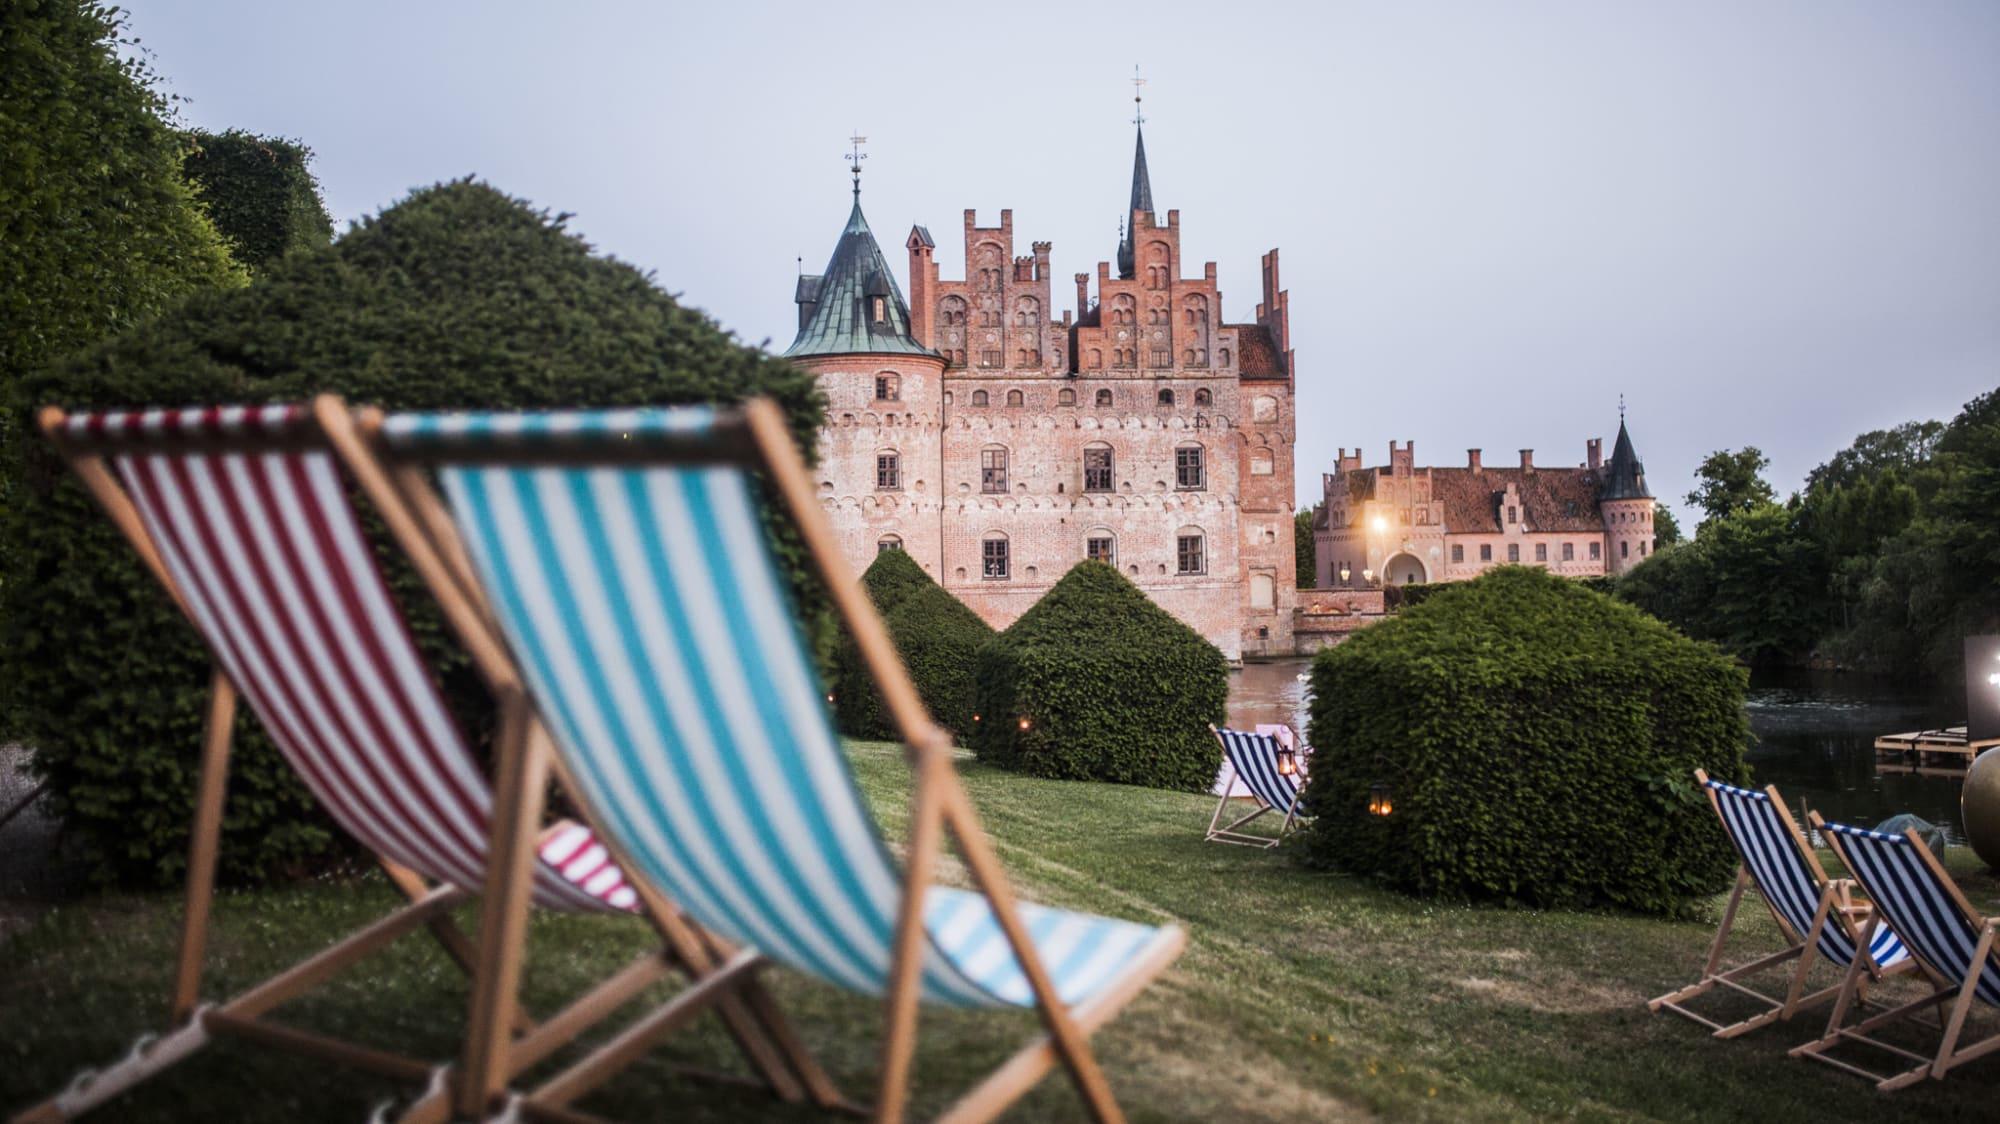 Zwei Liegestühle stehen auf einer Wiese und im Hintergrund sieht man das Schloss Egeskov